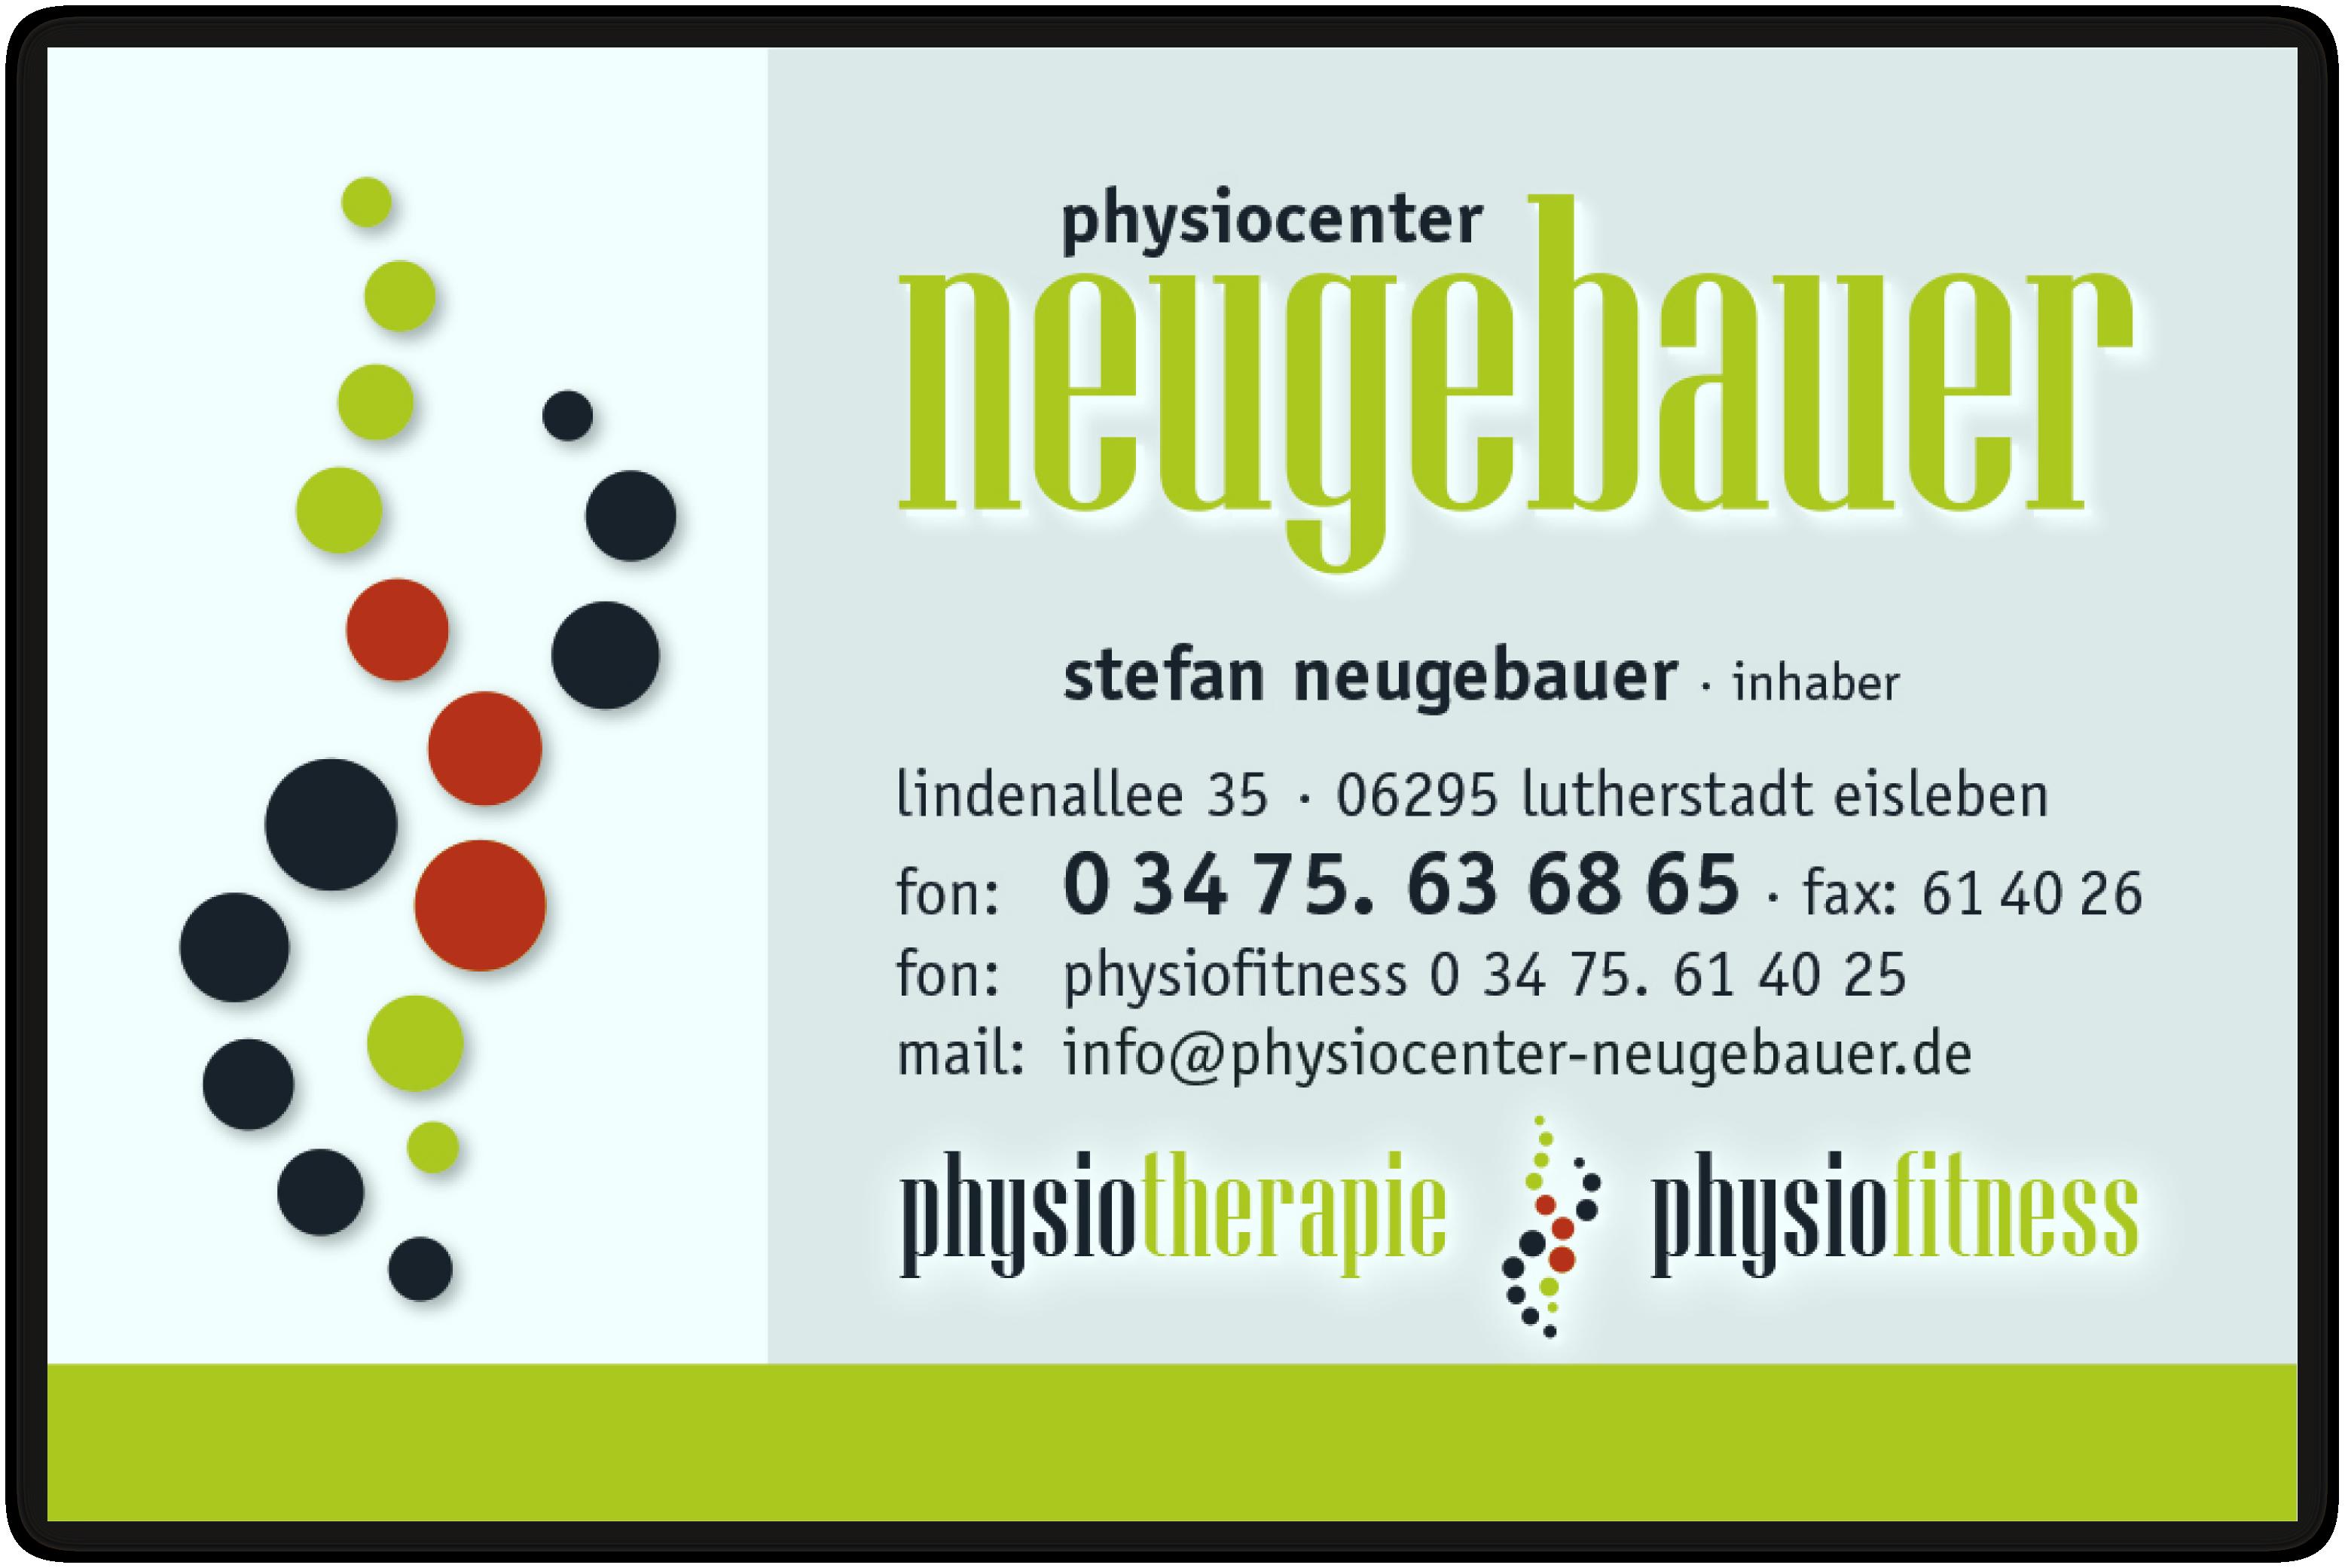 impressum0-1-phc-neugebauer